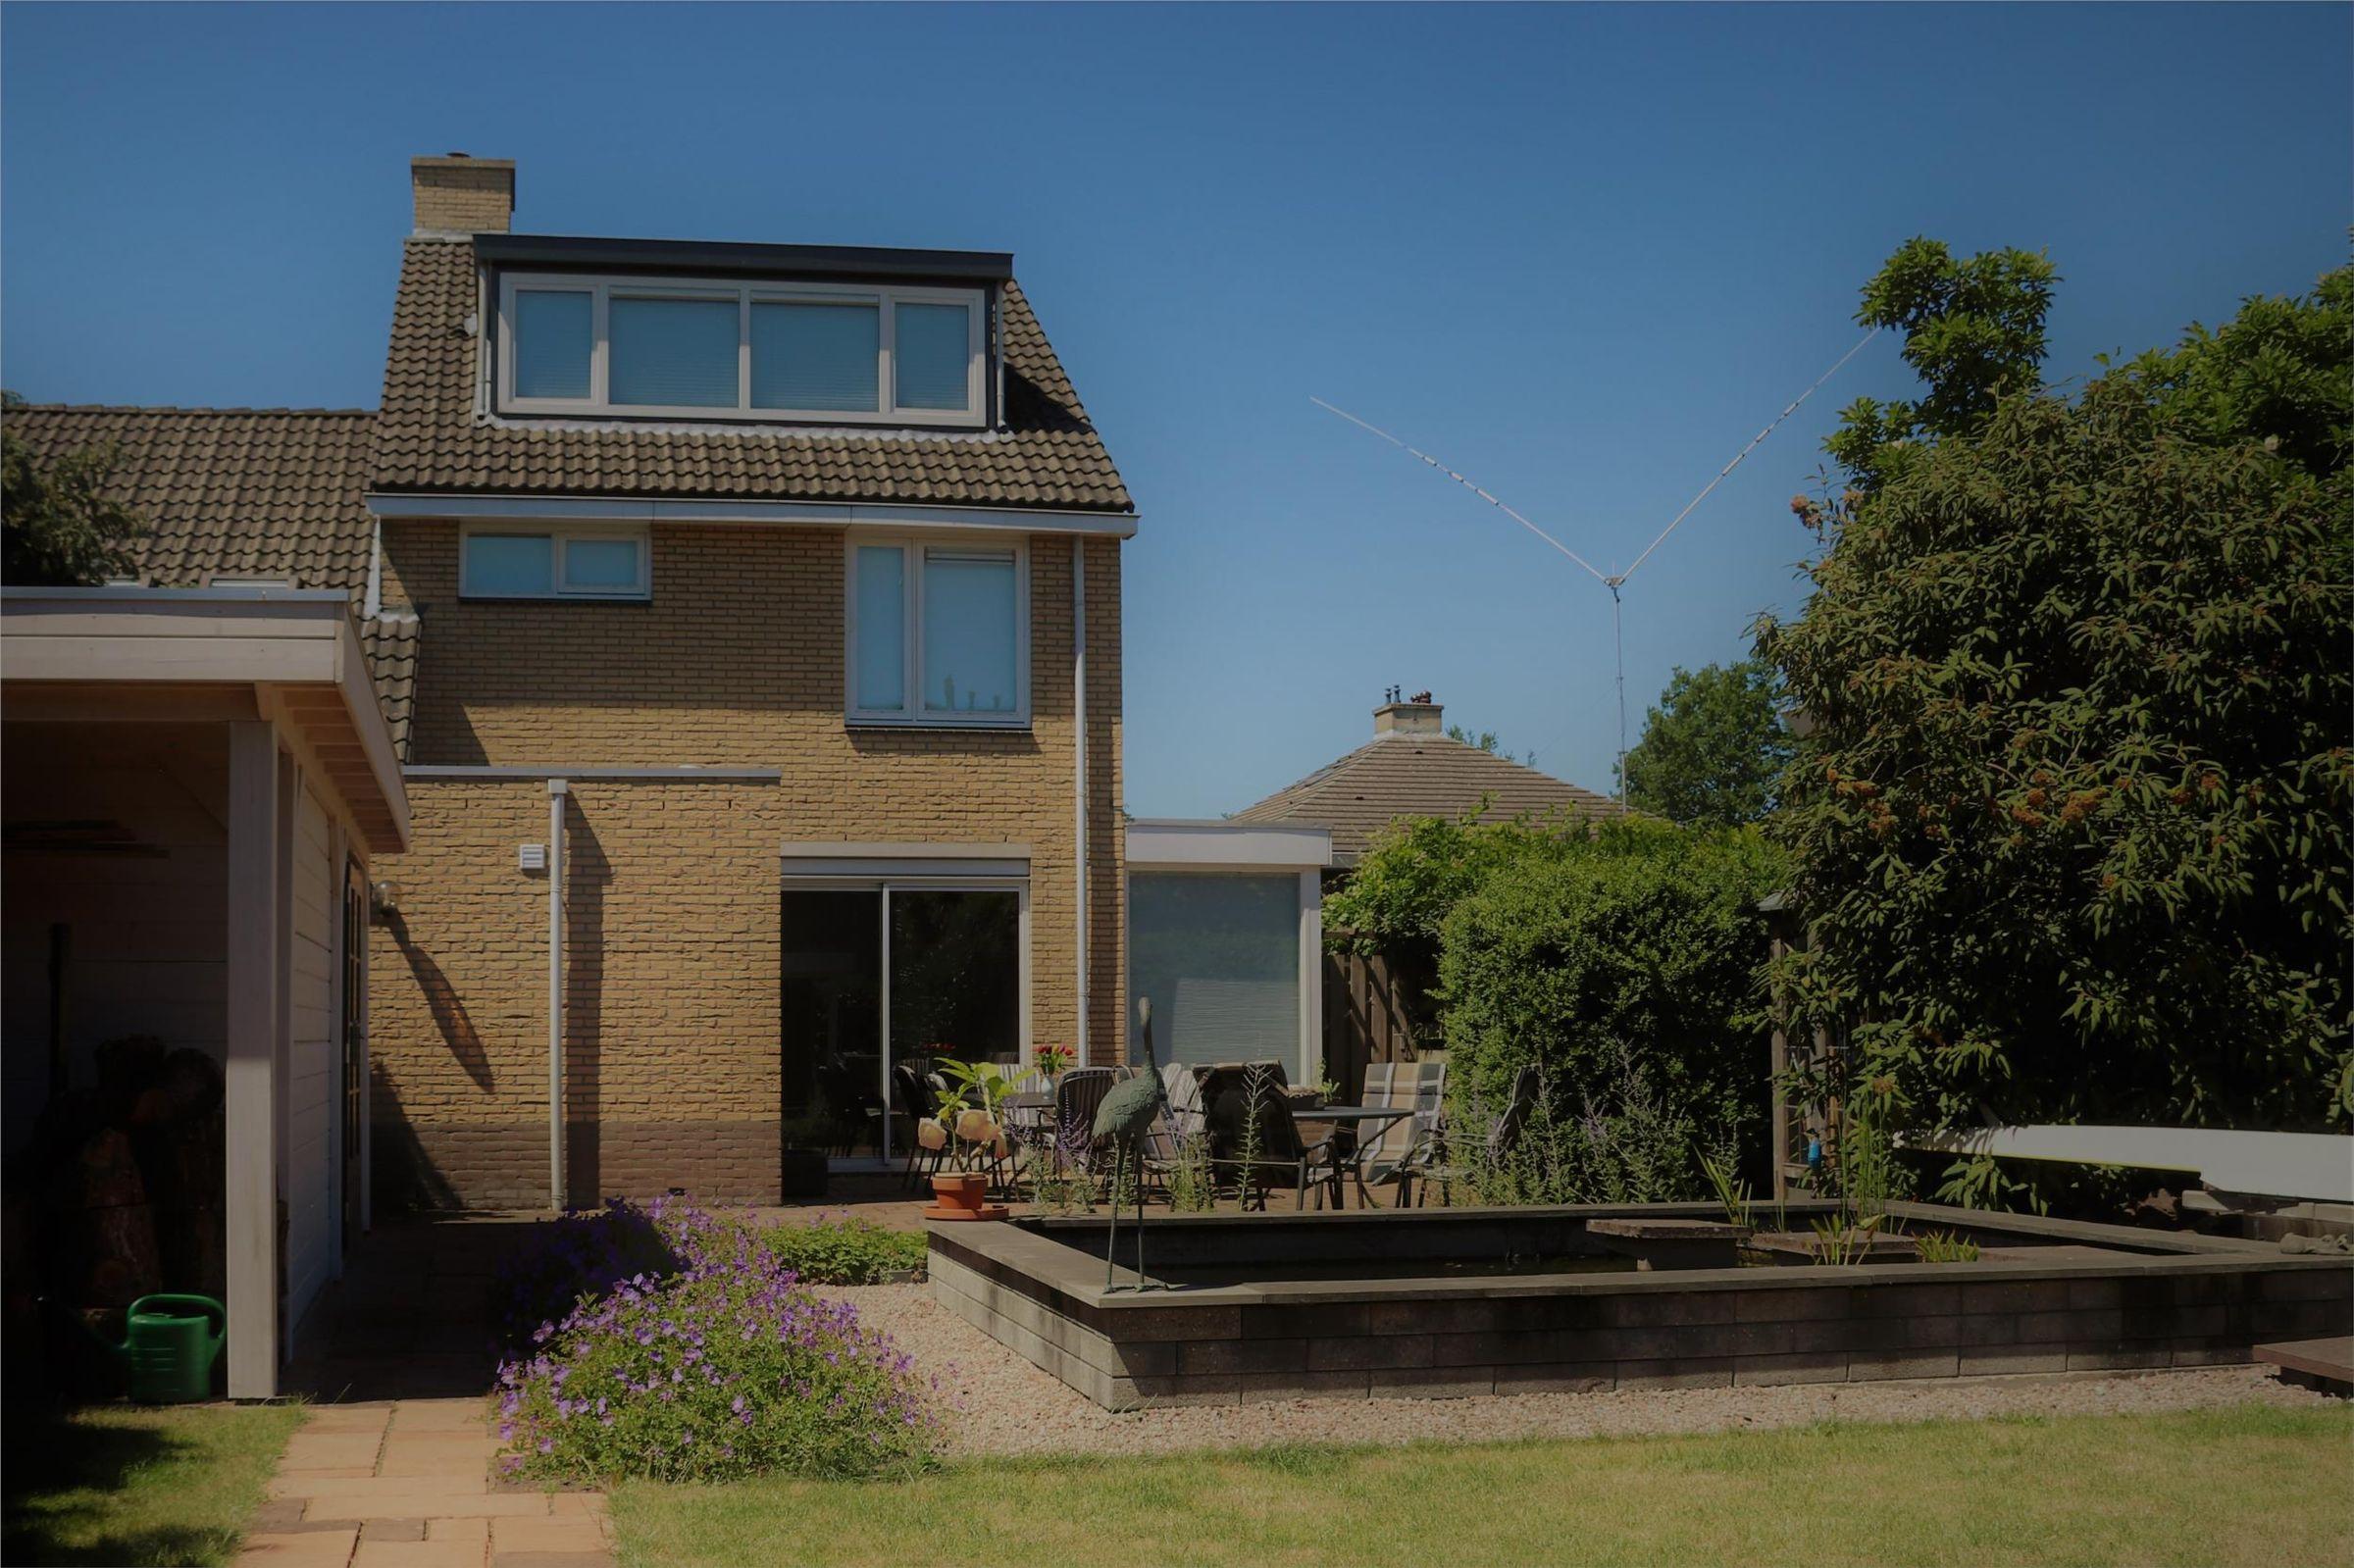 Heliosstraat 91, Apeldoorn